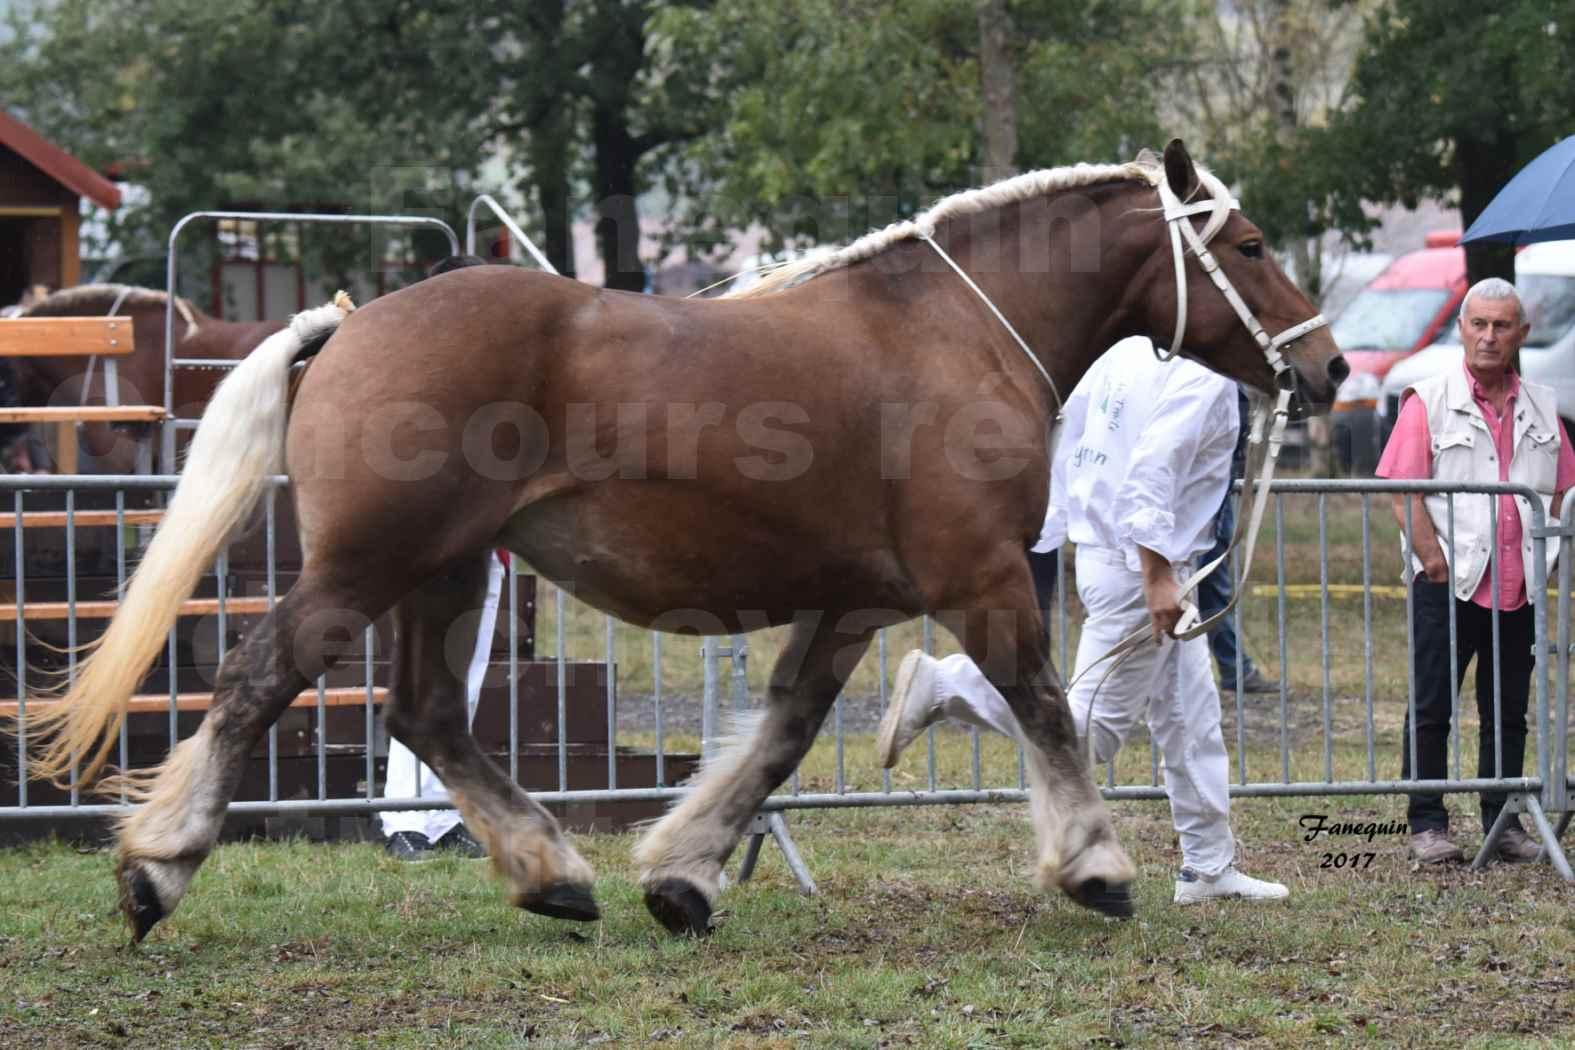 Concours Régional de chevaux de traits en 2017 - Jument & Poulain Trait COMTOIS - BESMA DE GRILLOLES - 02